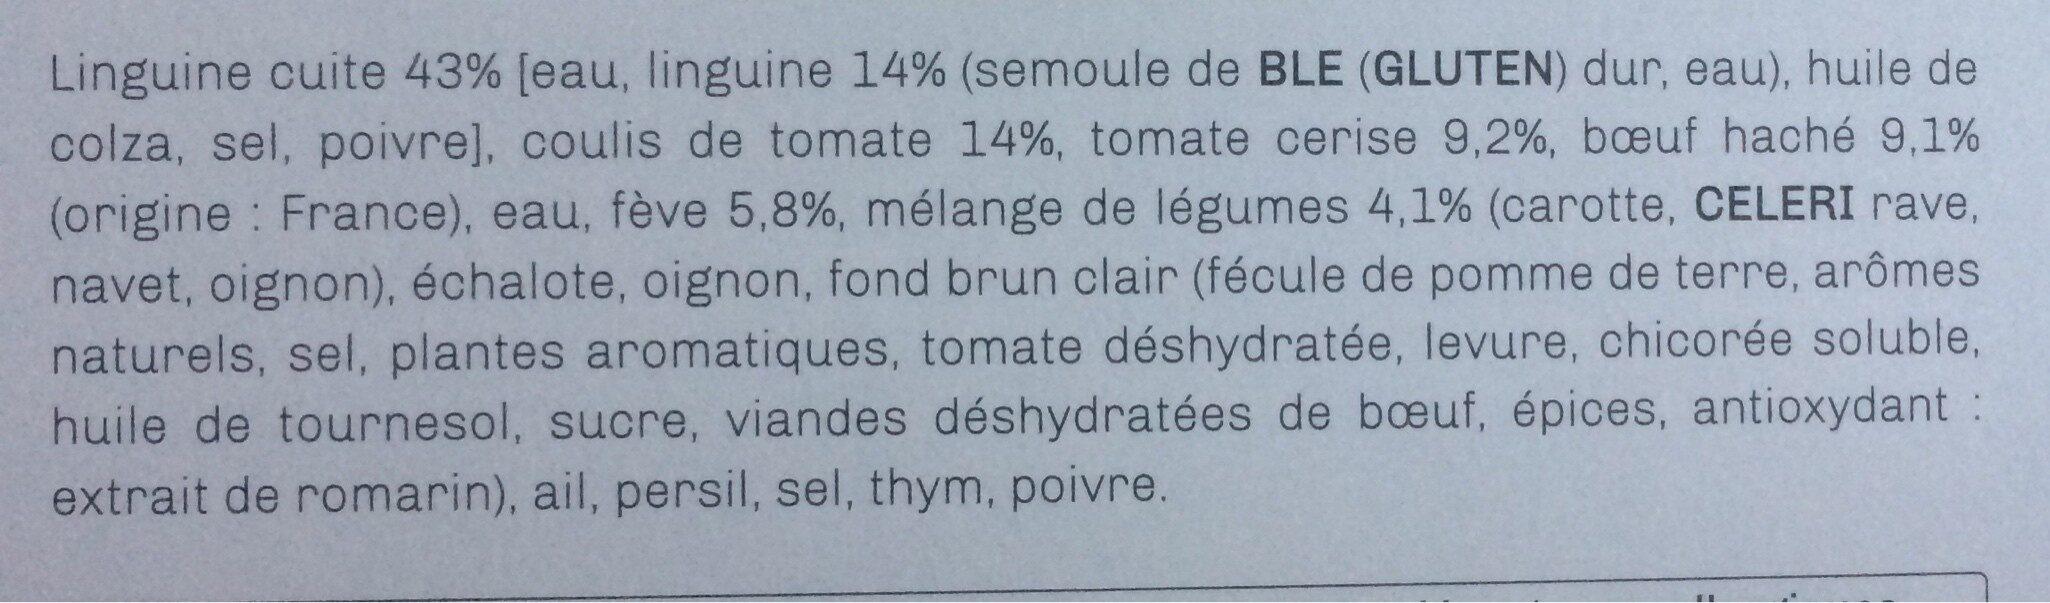 Linguine au boeuf et aux légumes cuisinés à la bolognaise - Ingrédients - fr